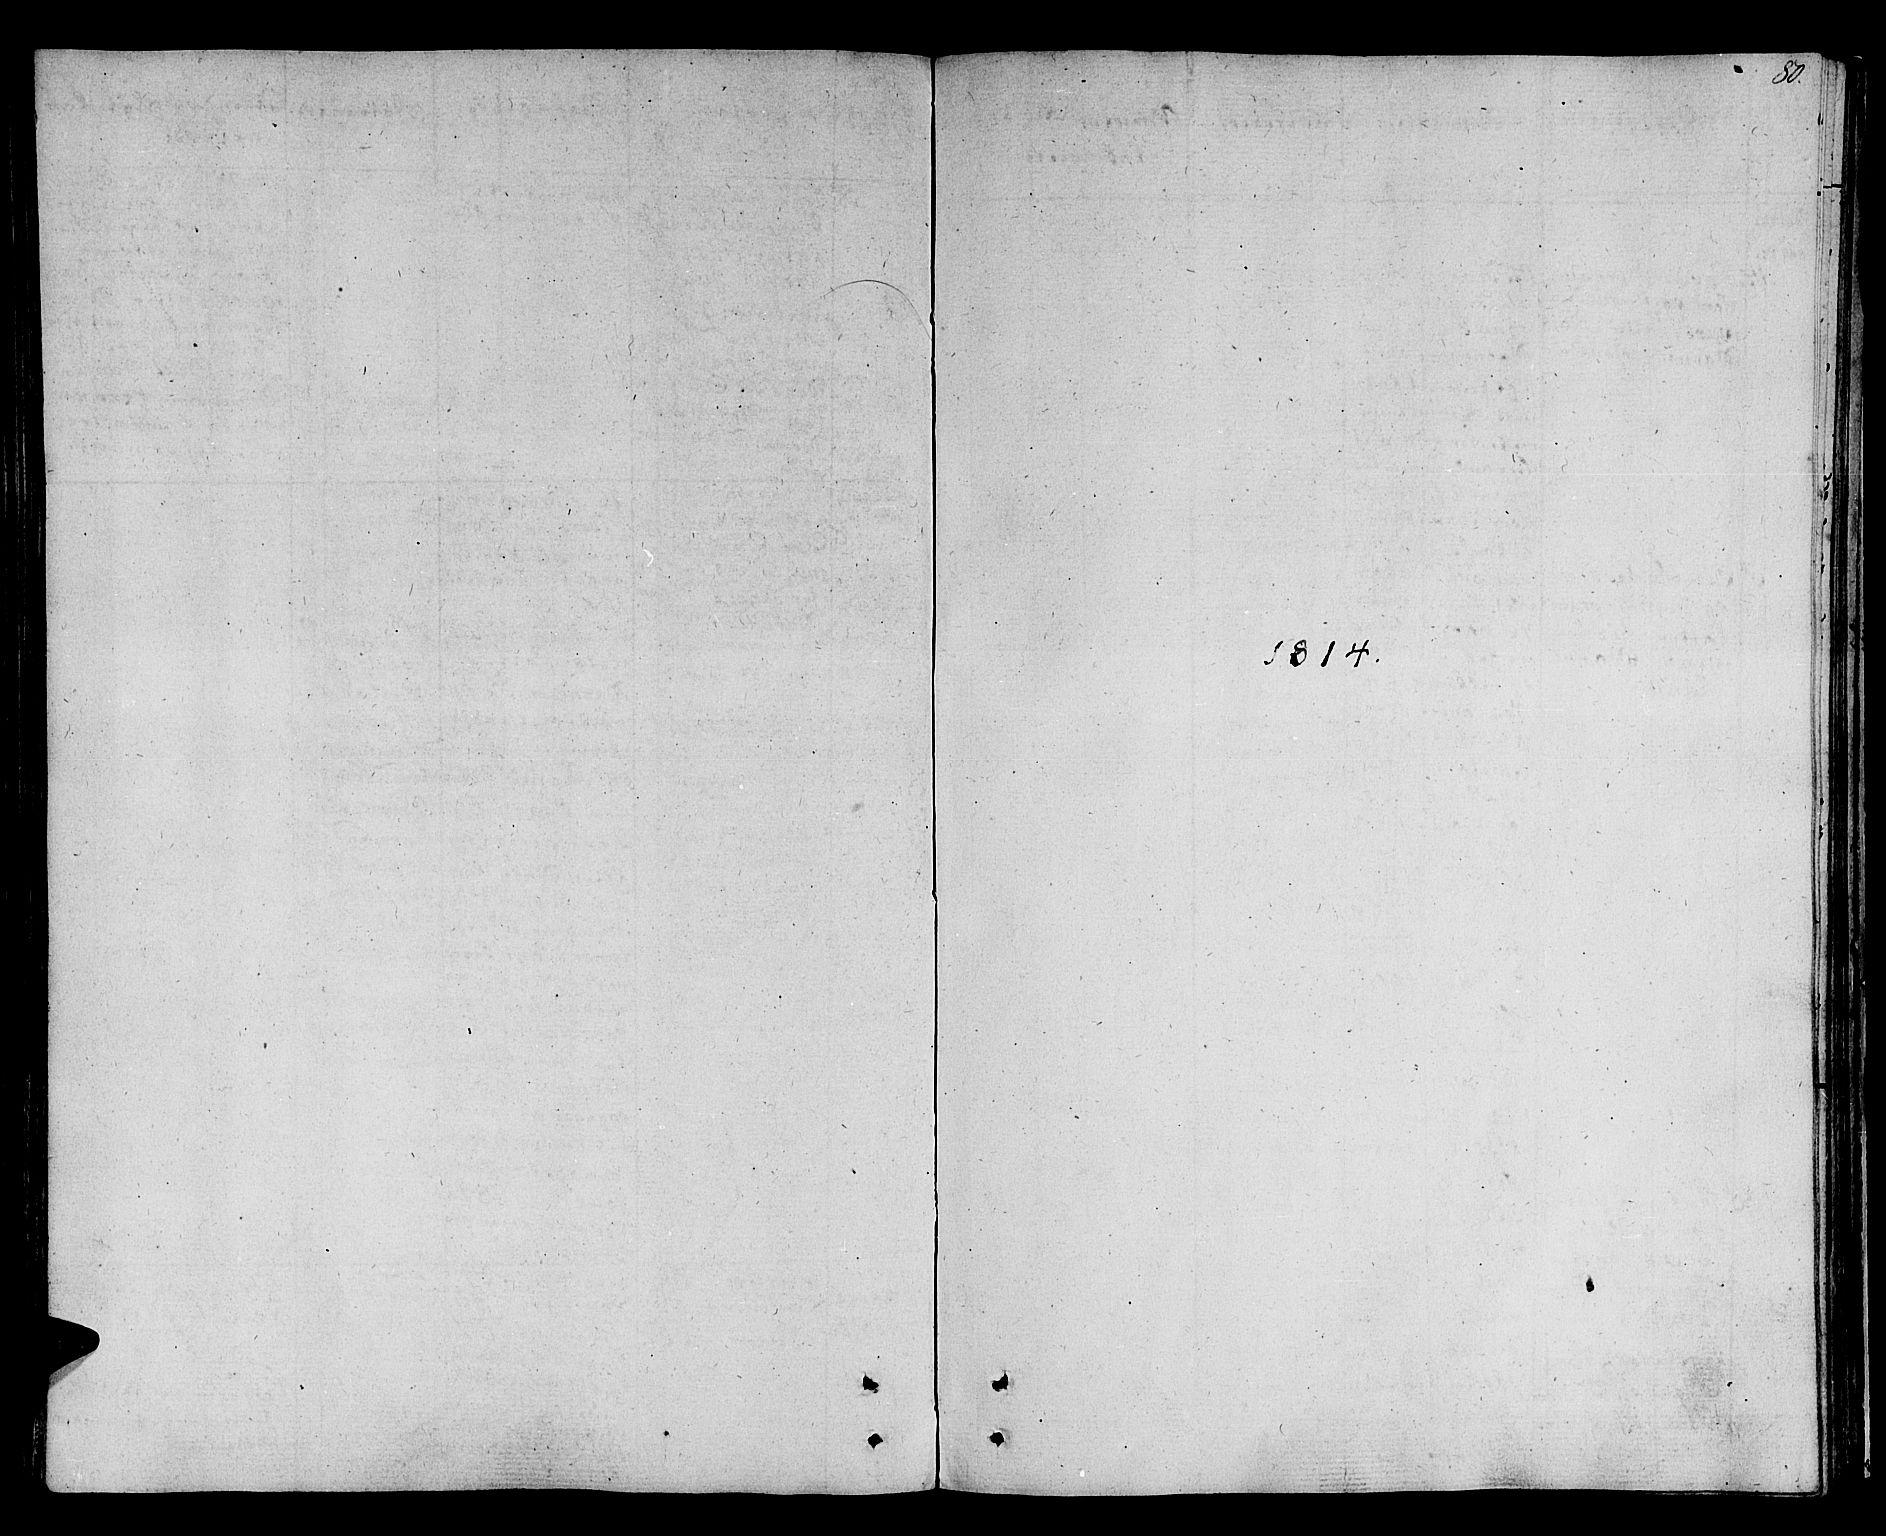 SAT, Ministerialprotokoller, klokkerbøker og fødselsregistre - Sør-Trøndelag, 678/L0894: Ministerialbok nr. 678A04, 1806-1815, s. 80